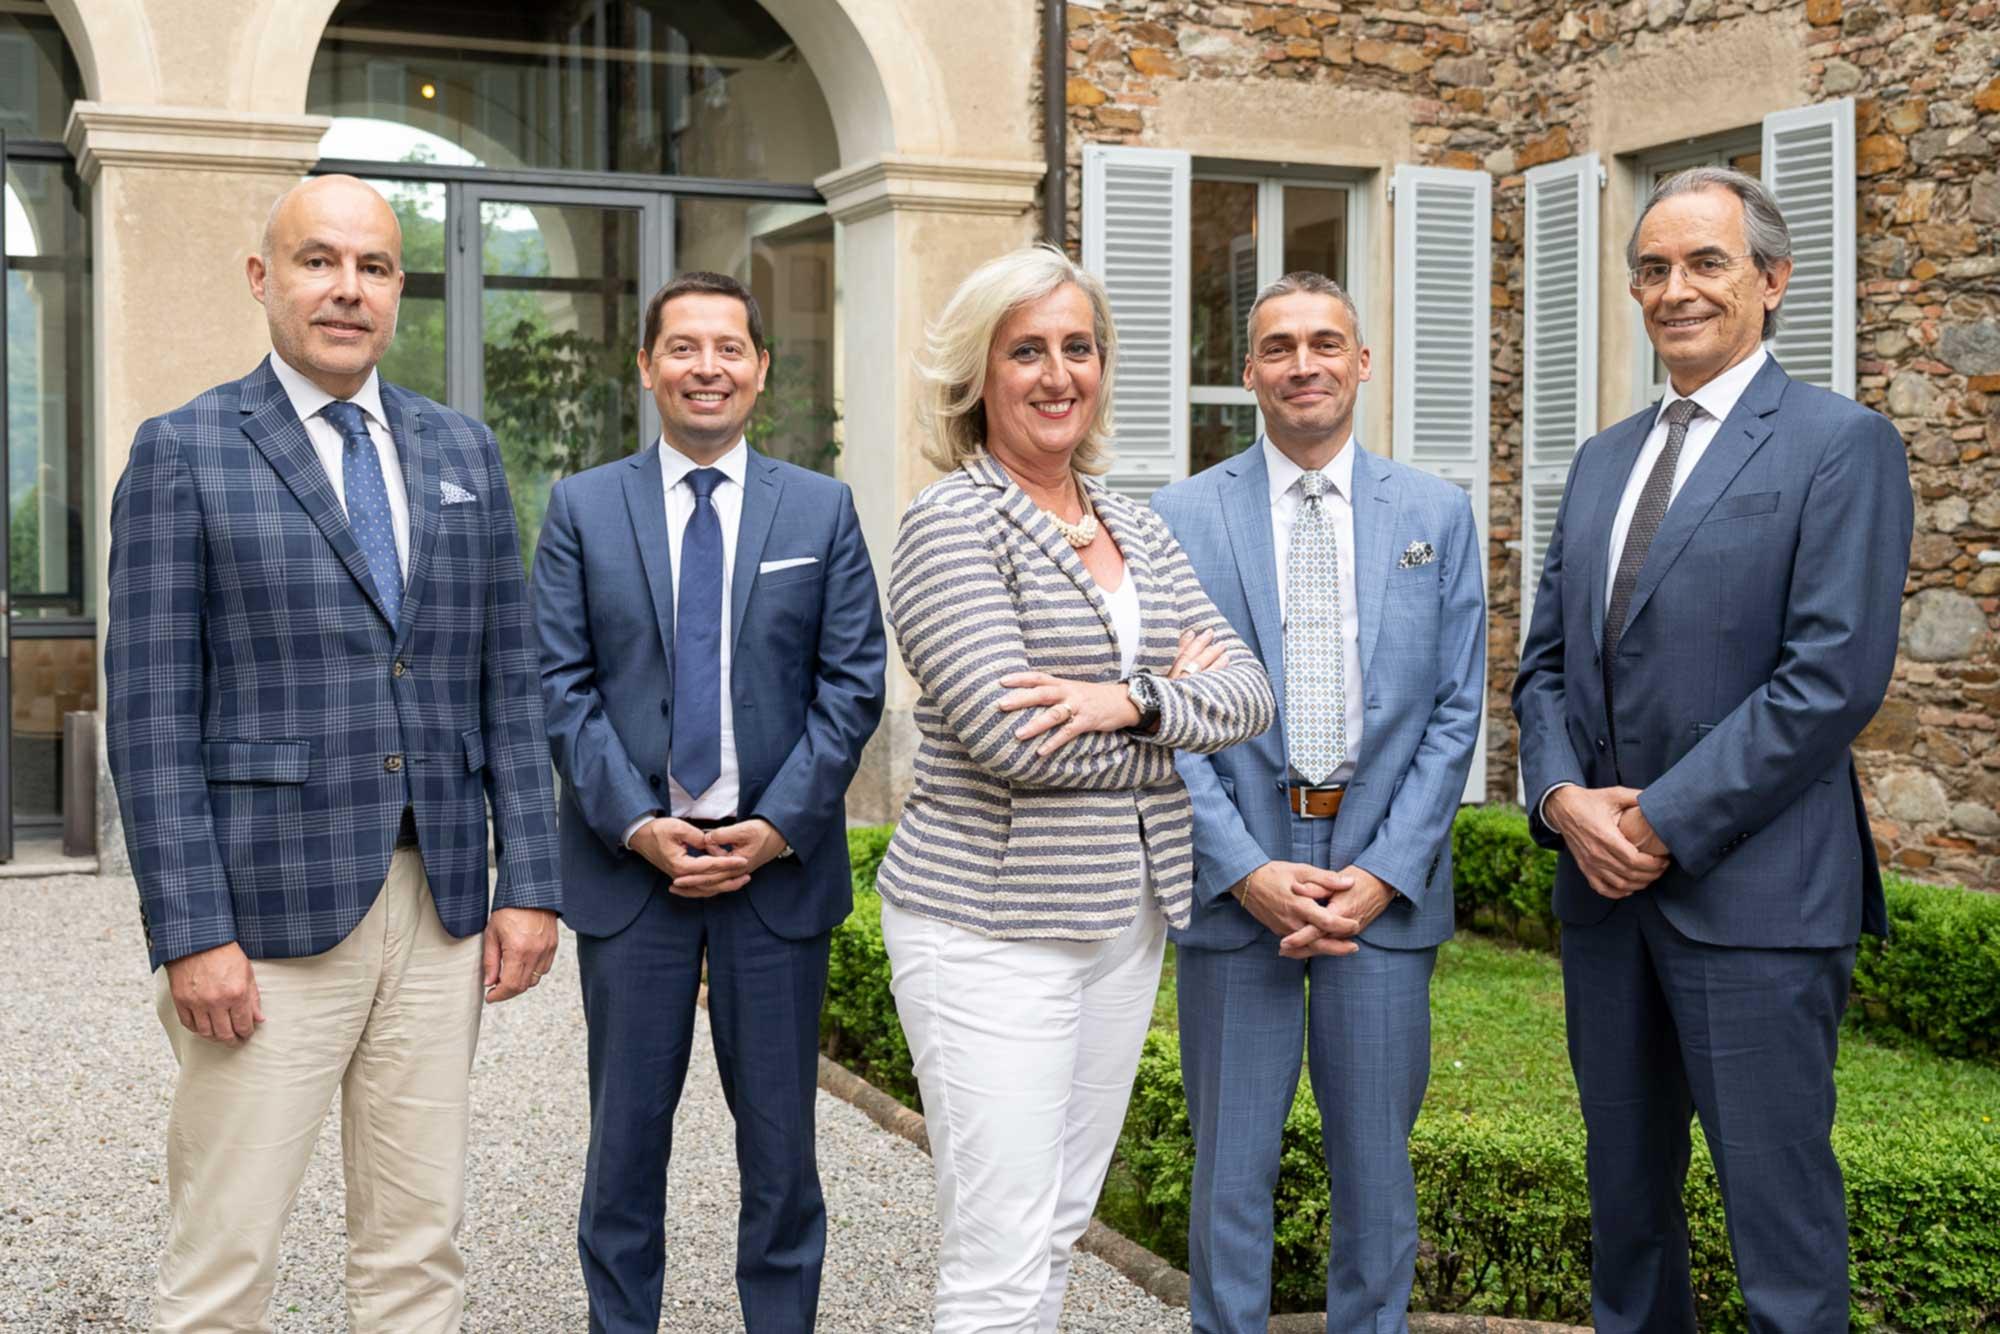 Da sinistra: Giuseppe Arrigoni, Sandro Prosperi, Alessandro Ciocca, Cristina Maderni, Fabrizio Ruscitti e Franco Pozzi